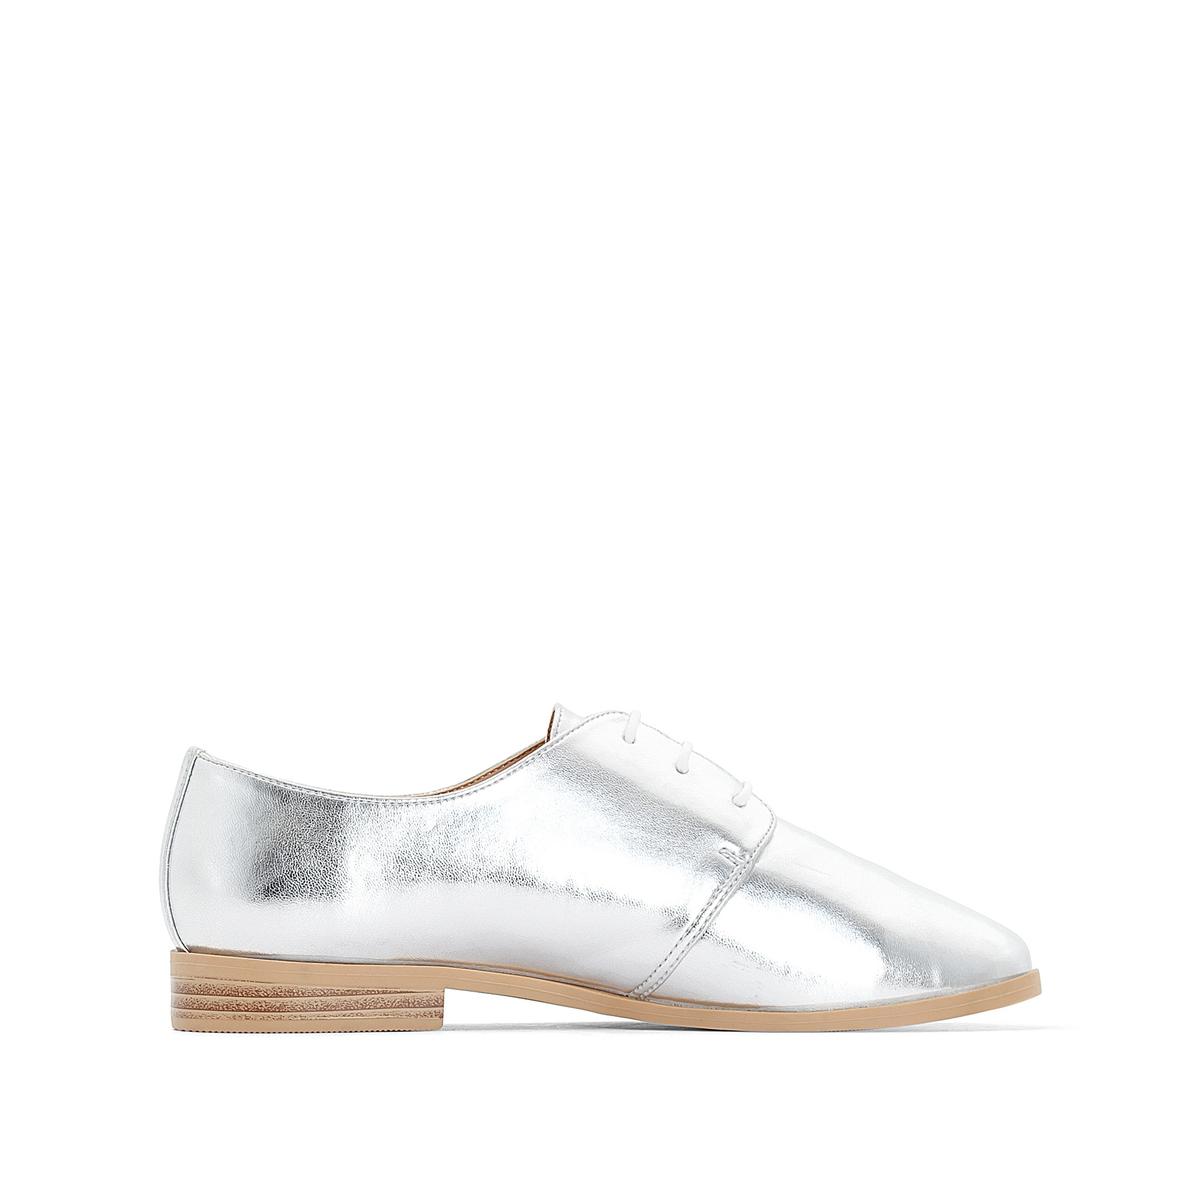 Ботинки-дерби из мягкого материала с металлическим блеском